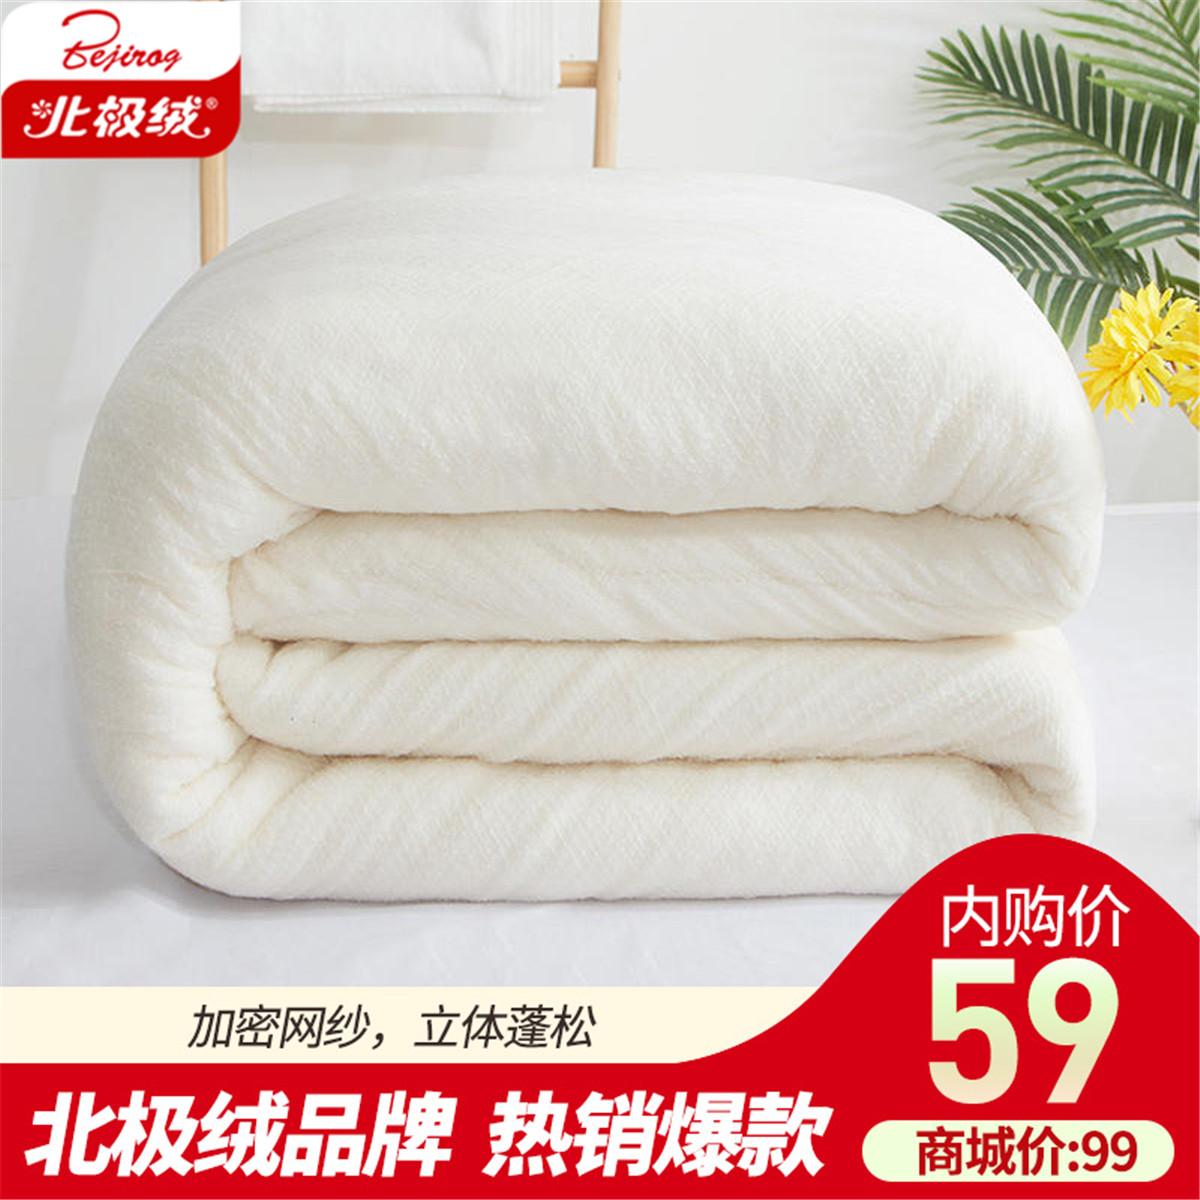 【北极绒】新疆鱼鳞网棉花保暖冬被